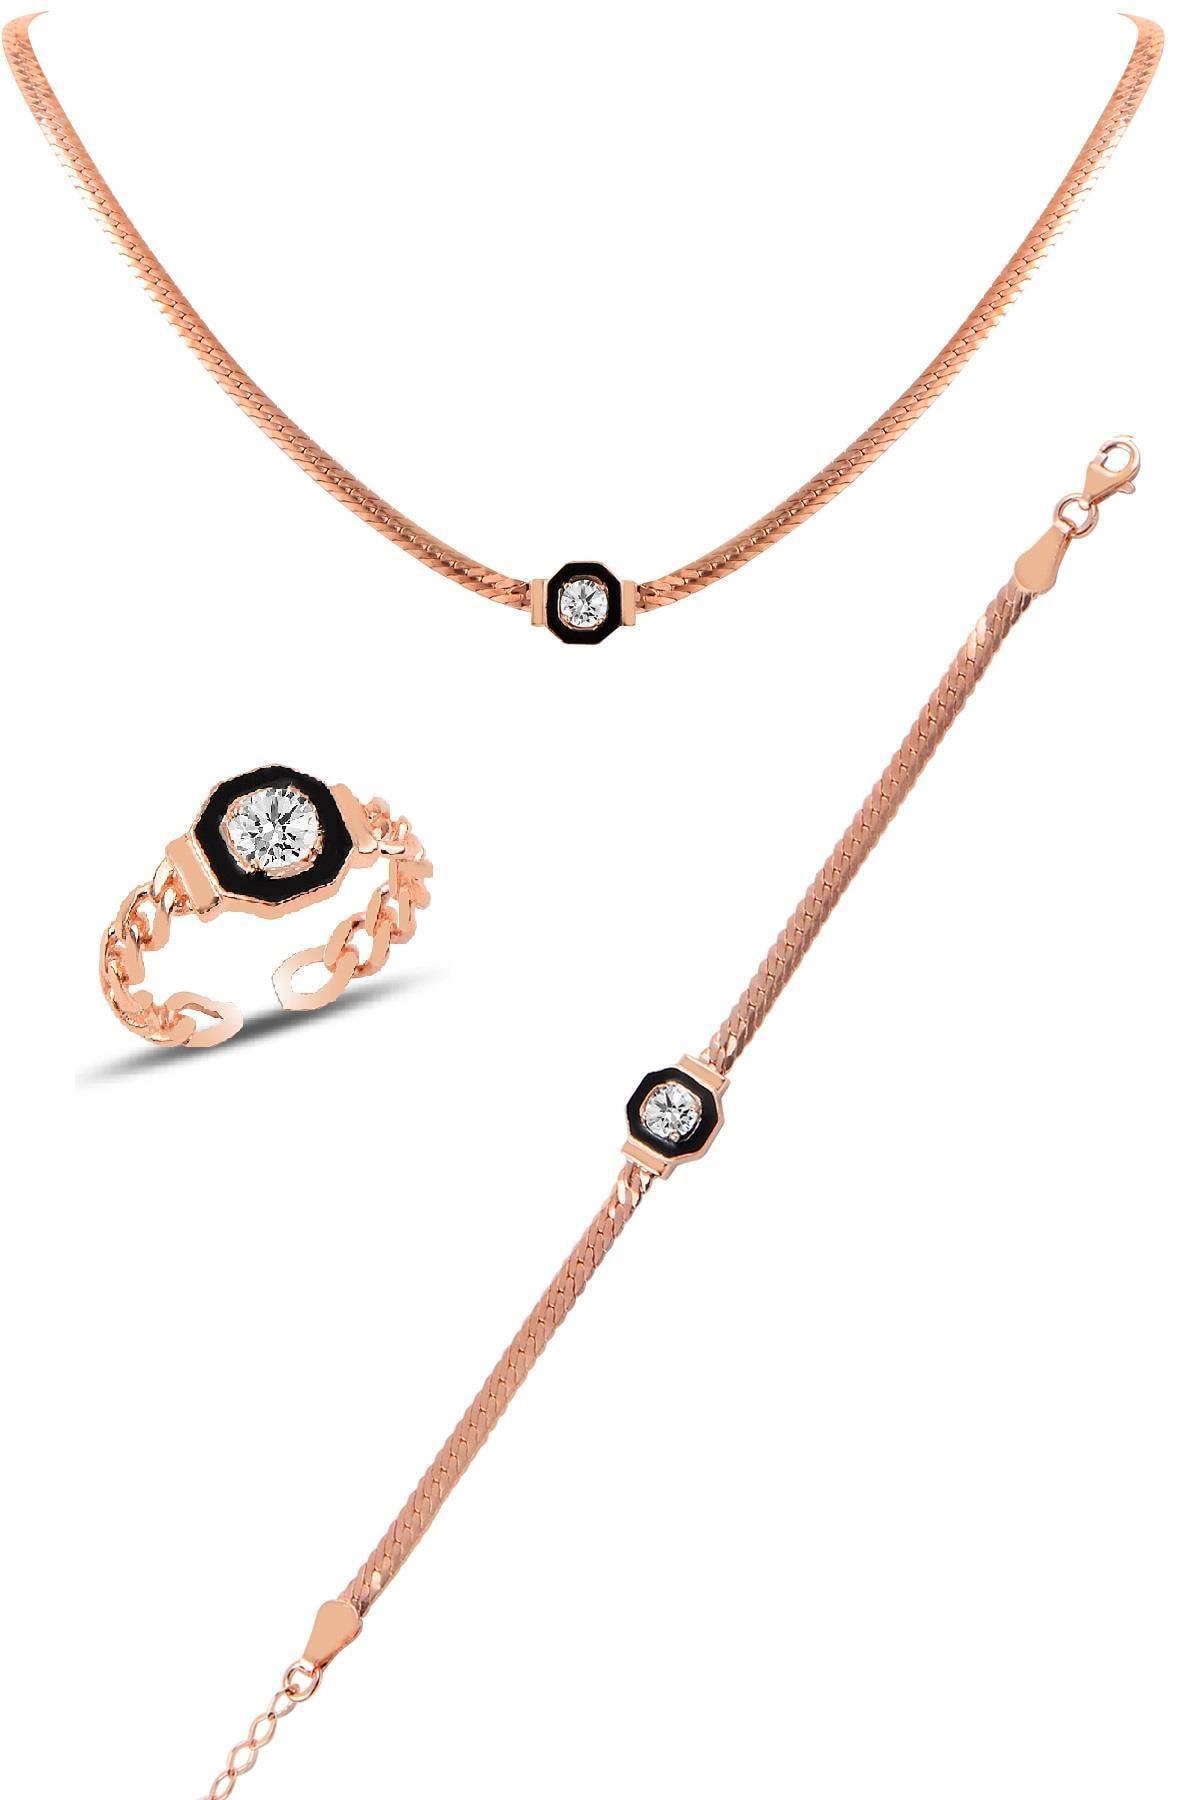 Söğütlü Silver Gümüş rose  çağla şikel kolye bileklik ve yüzük gümüş  takım